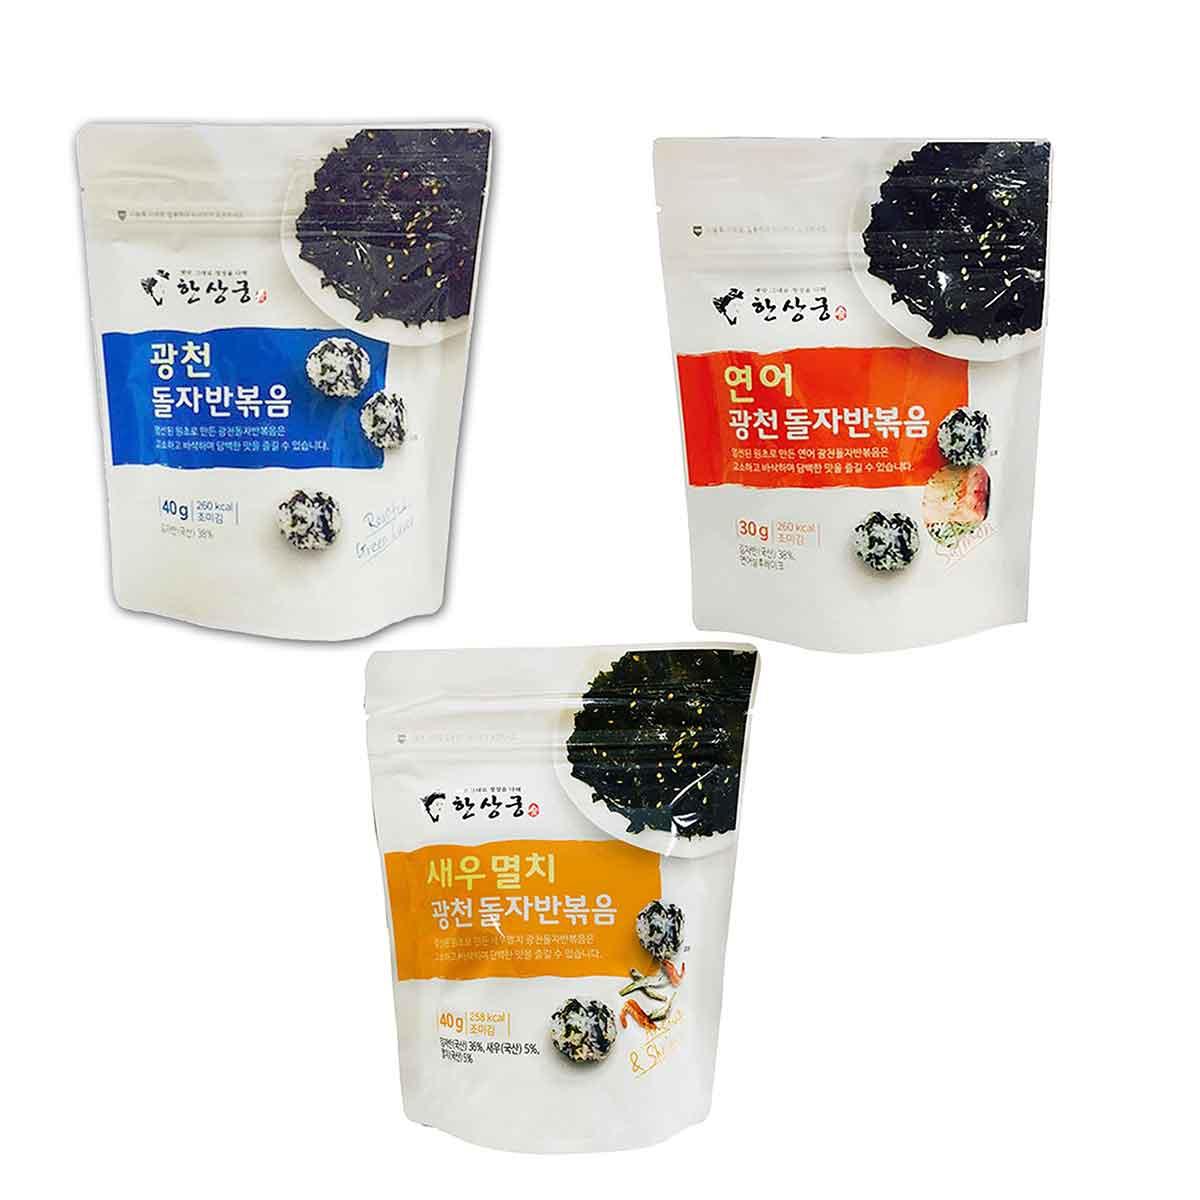 韓尚宮 海苔酥 原味 鮭魚 鯷魚蝦子 韓國製造進口